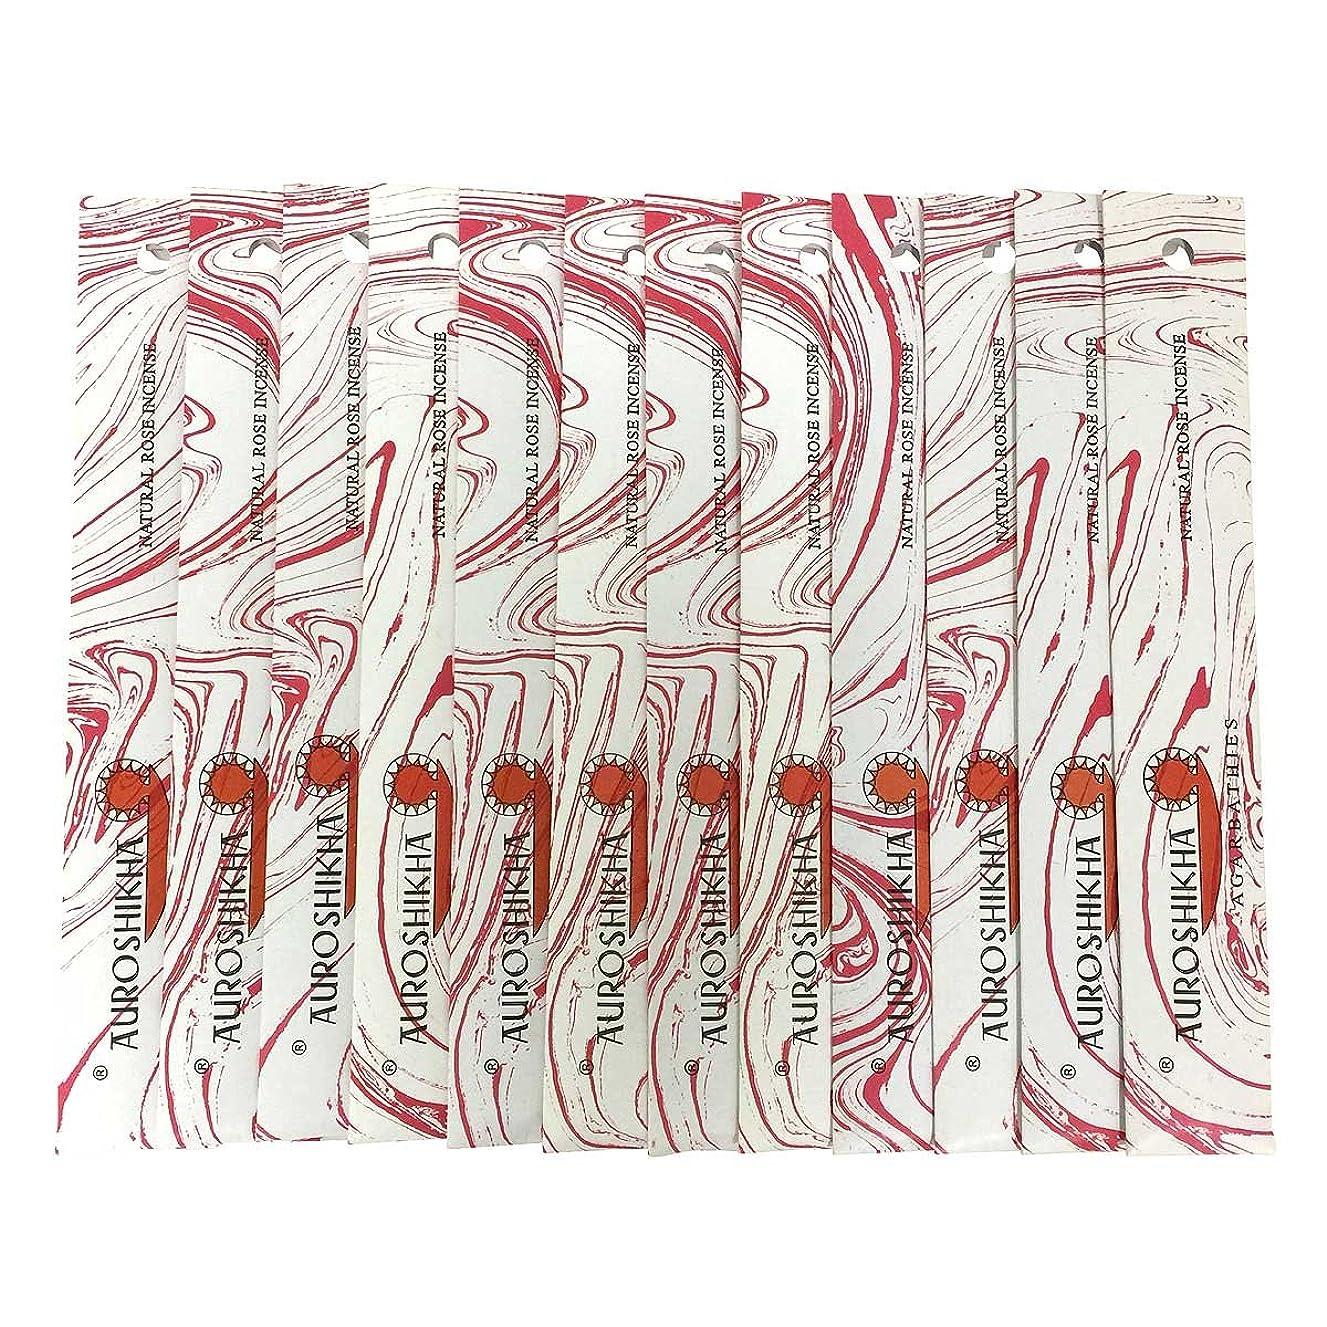 暴君本物の物思いにふけるAUROSHIKHA オウロシカ(NATURAL ROSEナチュラルローズ12個セット) マーブルパッケージスティック 送料無料